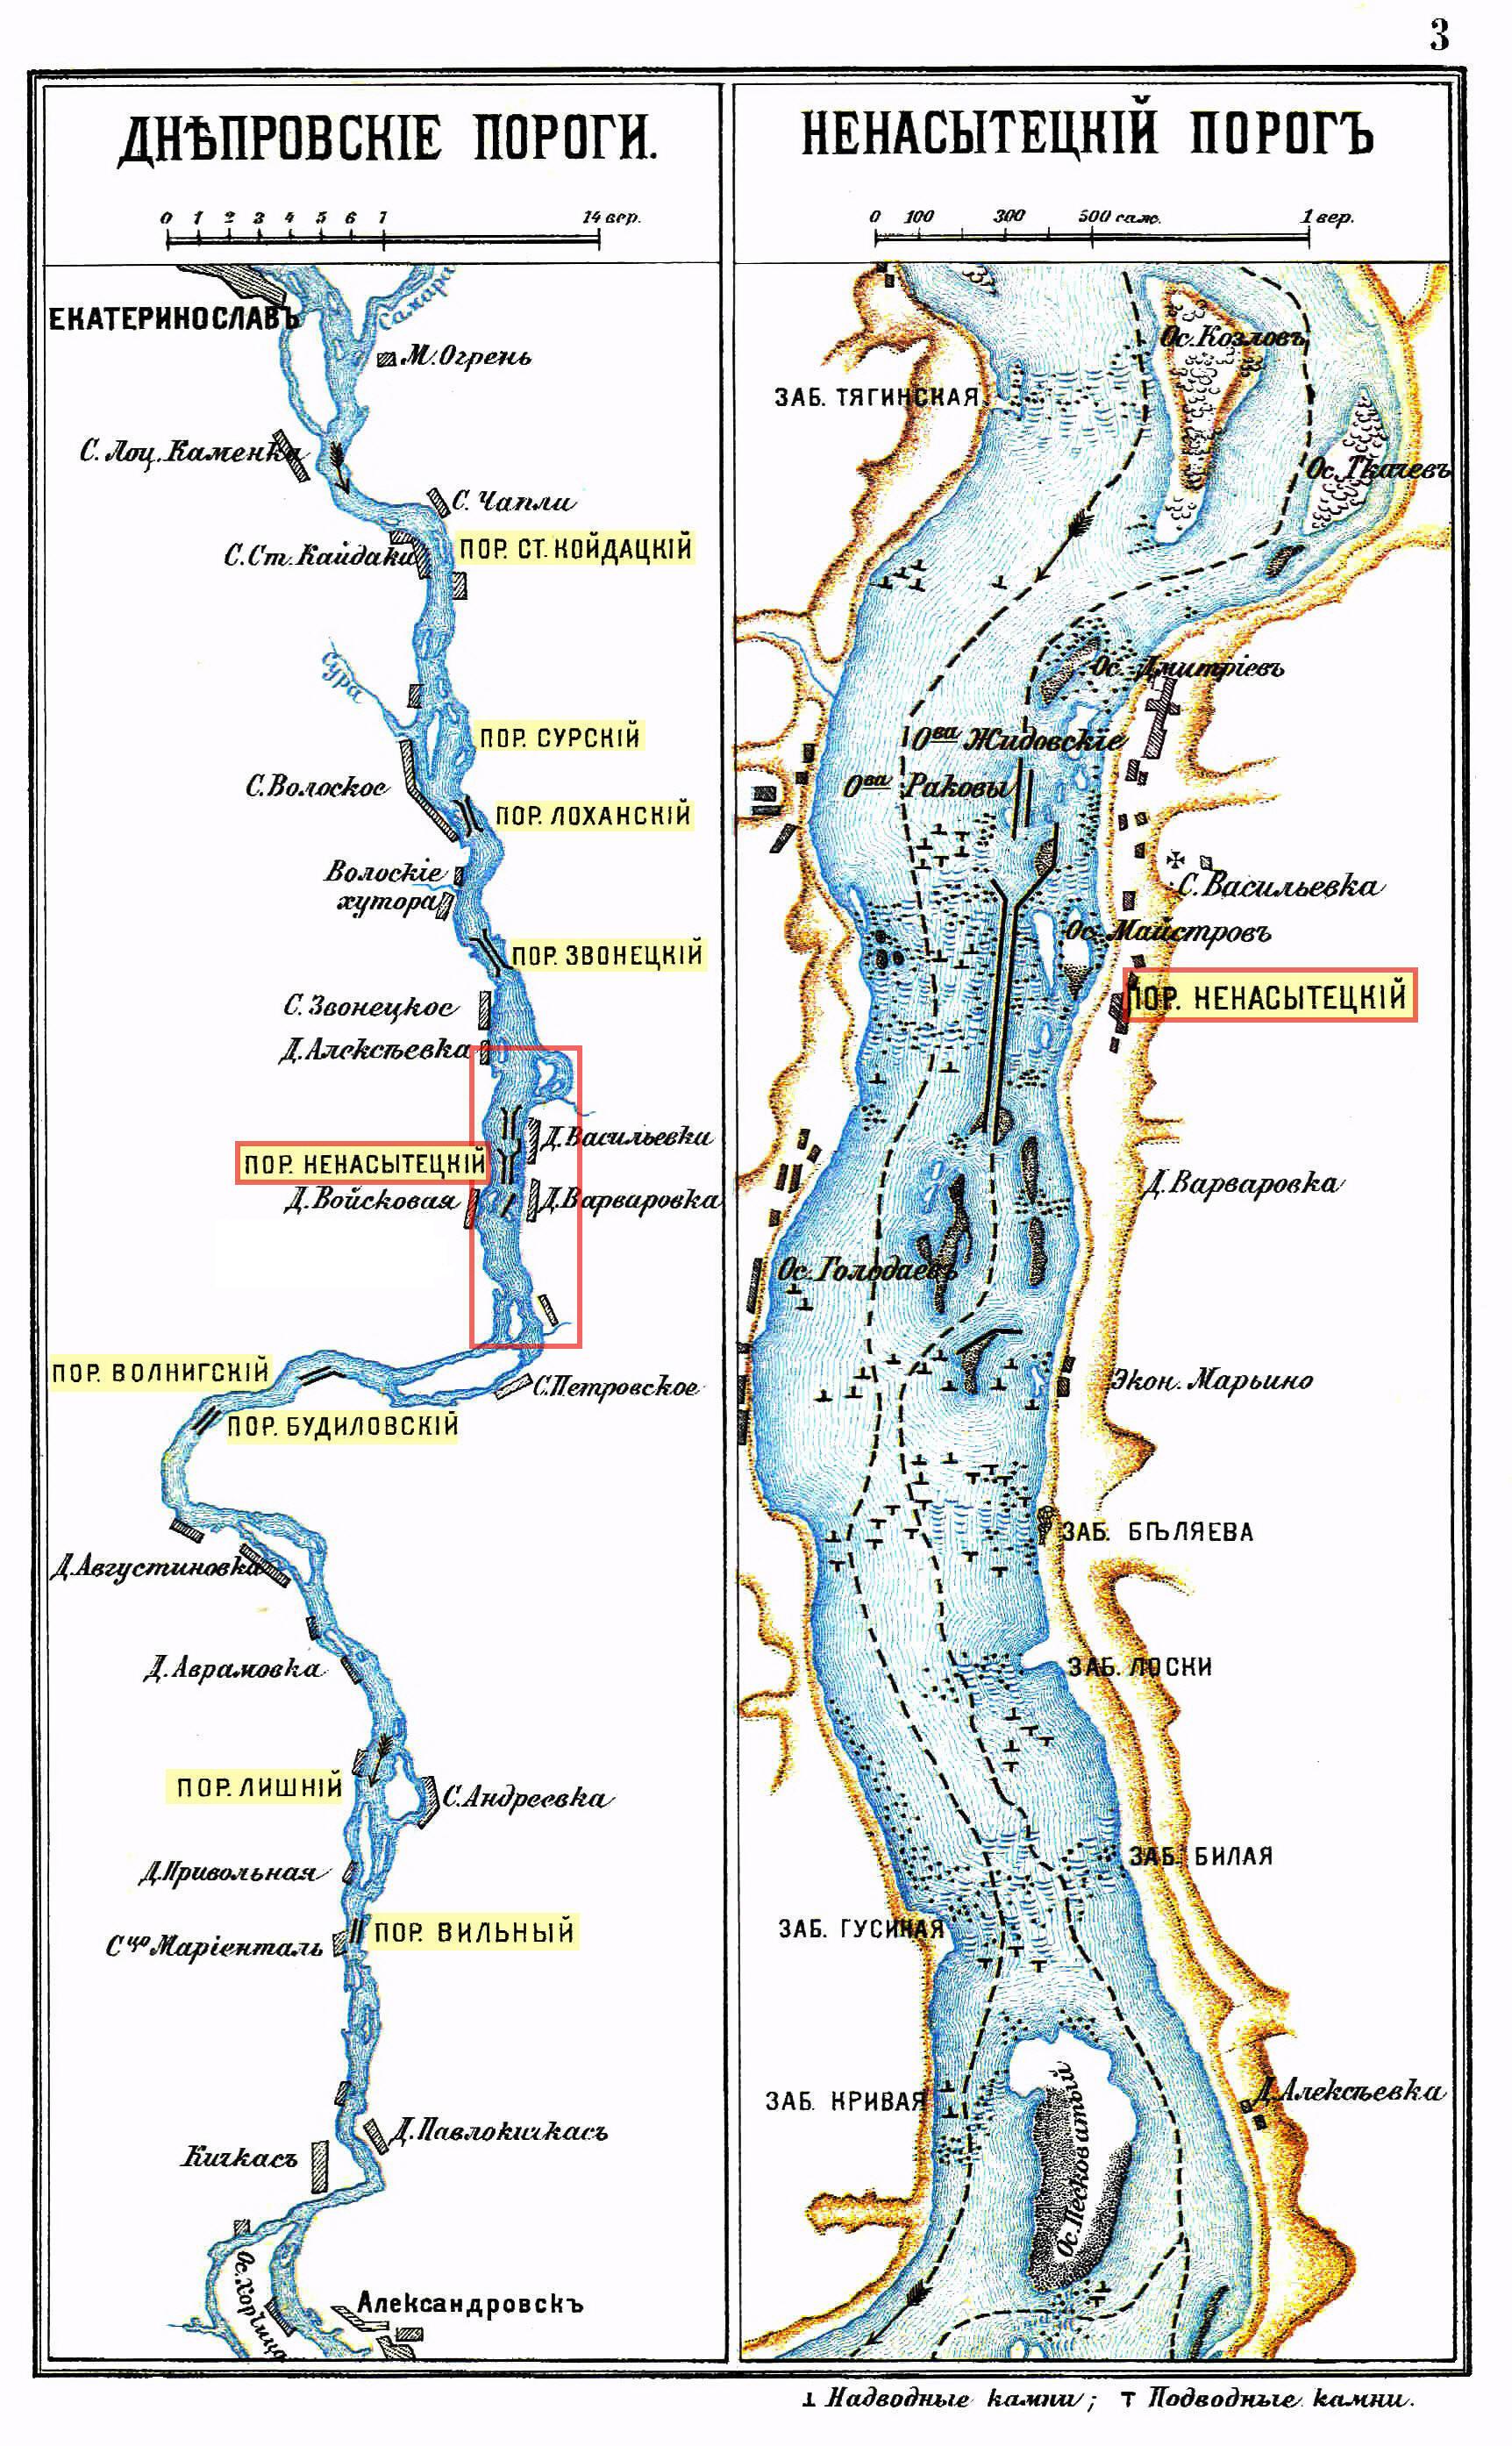 """1890 - Los 9 rápidos (umbrales) del río Dniéper desde la ciudad de Dnipró (Dnipropetrovsk / Ekaterinoslav) a Zaporiyia (Aleksandrovsk). A la derecha, detalle del mayor de los rápidos: Nenasitetskiy. Este rápido """"Insaciable"""" también era conocido por los navegantes como """"El Abuelo terrible"""" o """"El Rugiente"""". Abajo a la derecha, leyenda de detalle de las rocas de superficie y las sumergidas (T)."""